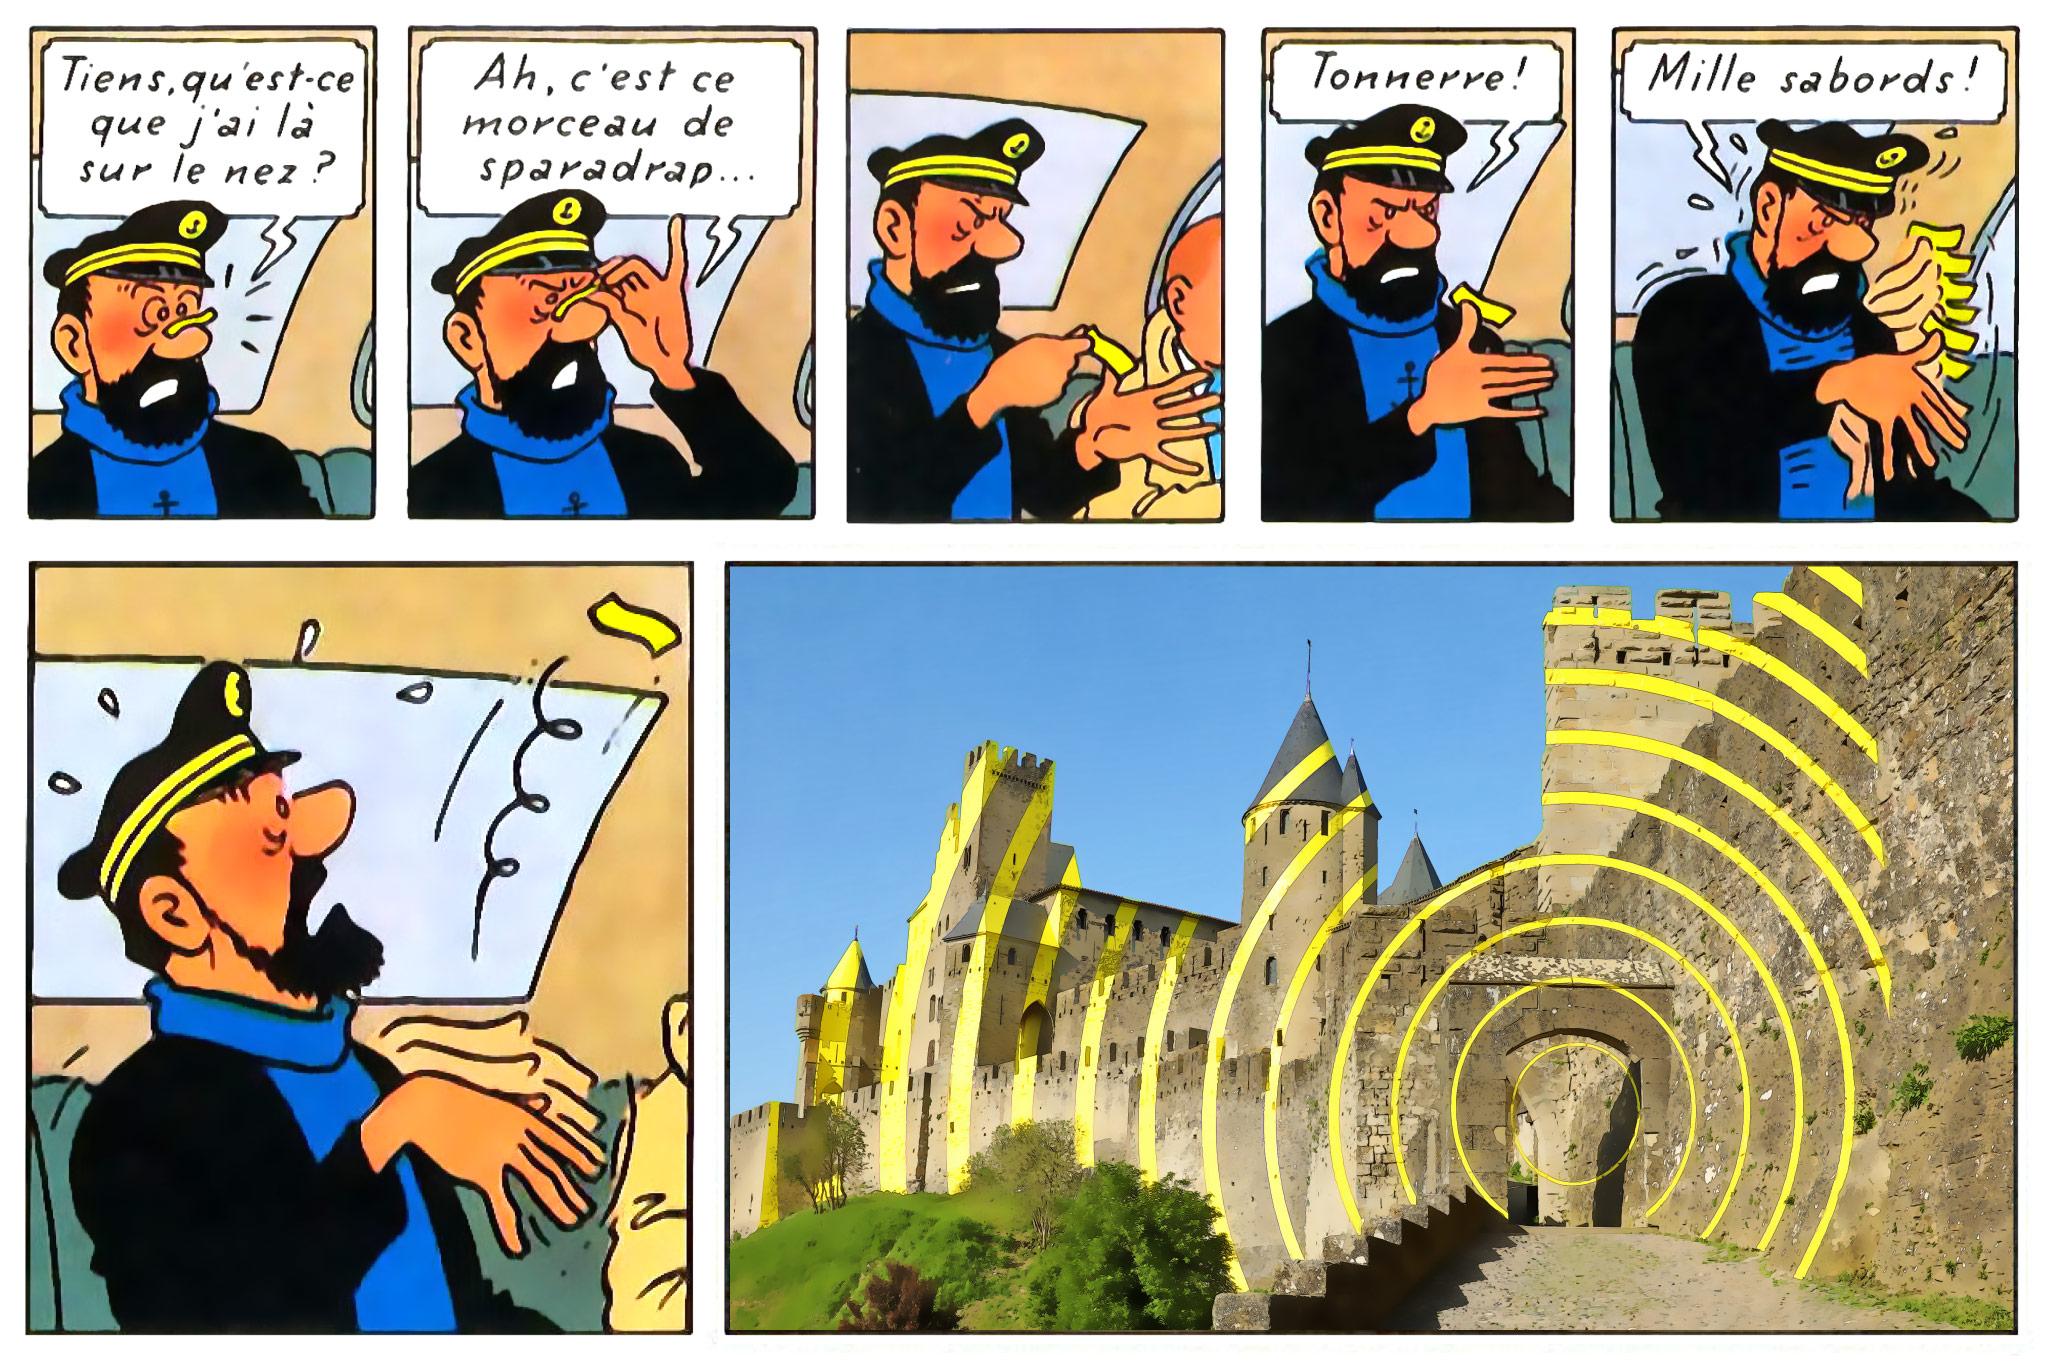 Montage photo associant le capitaine haddock avec la Cité de Carcassonne